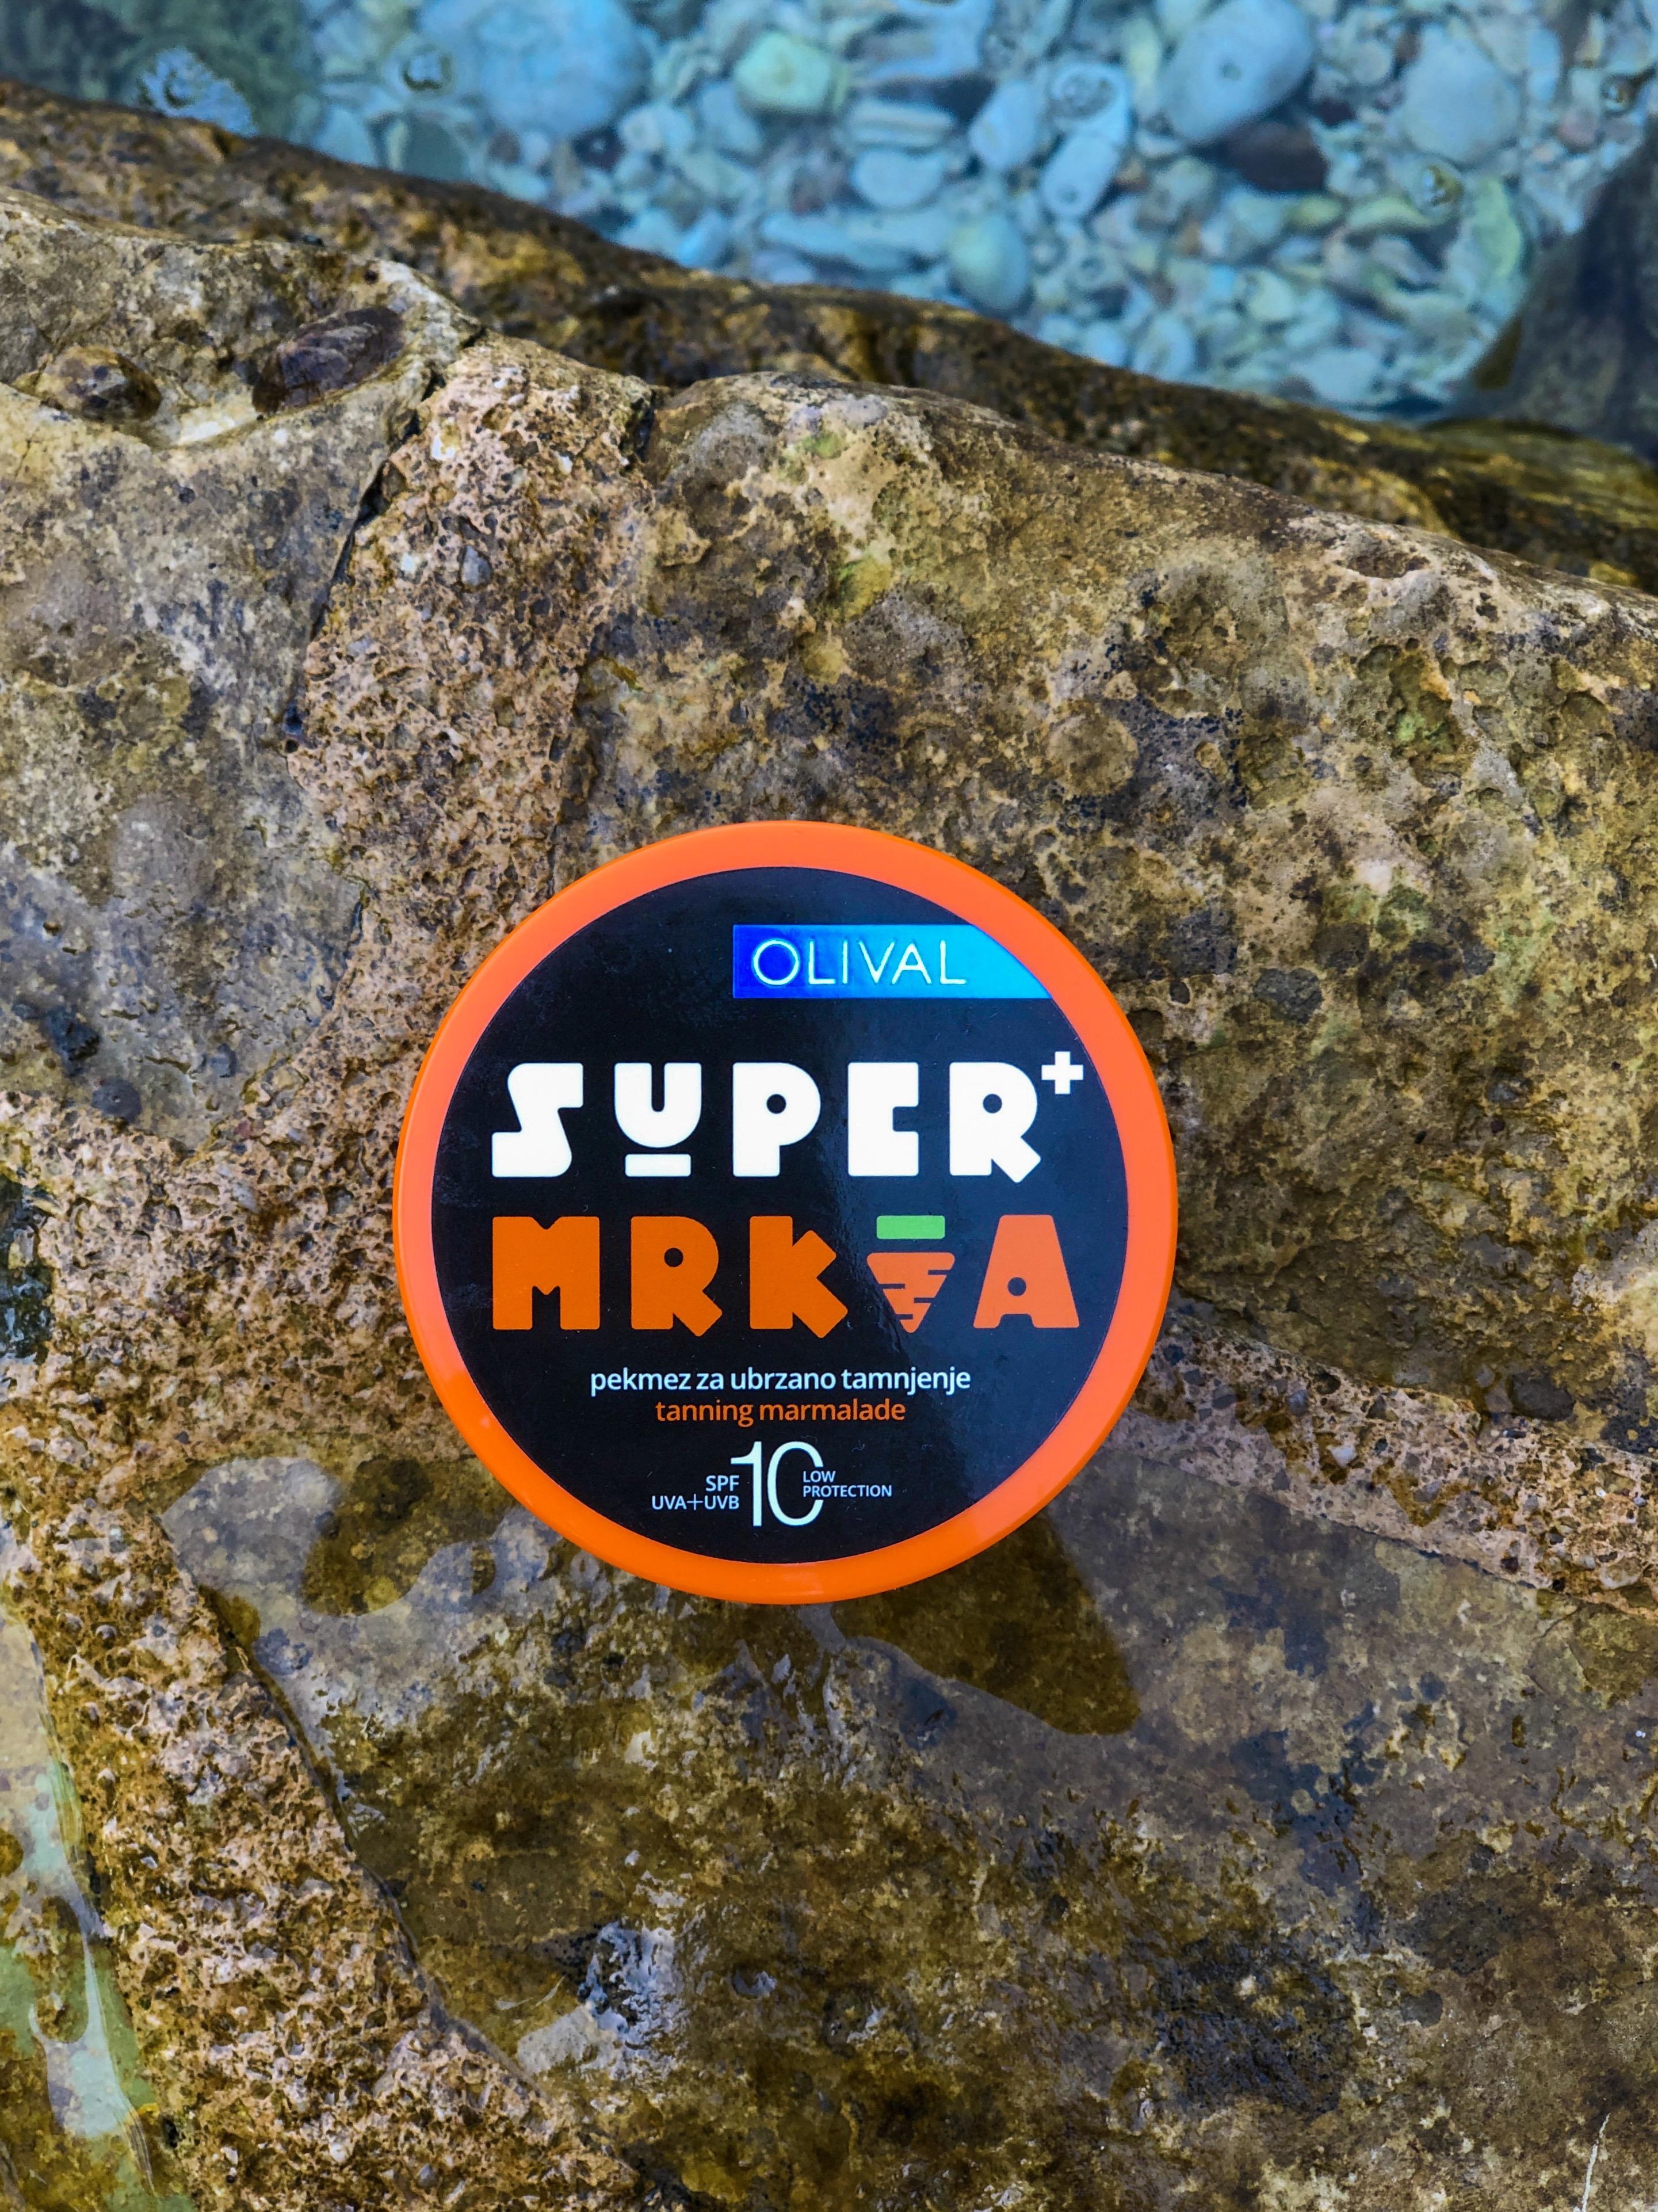 SUPERMrkvaPekmez za ubrzano tamnjenje SPF 10